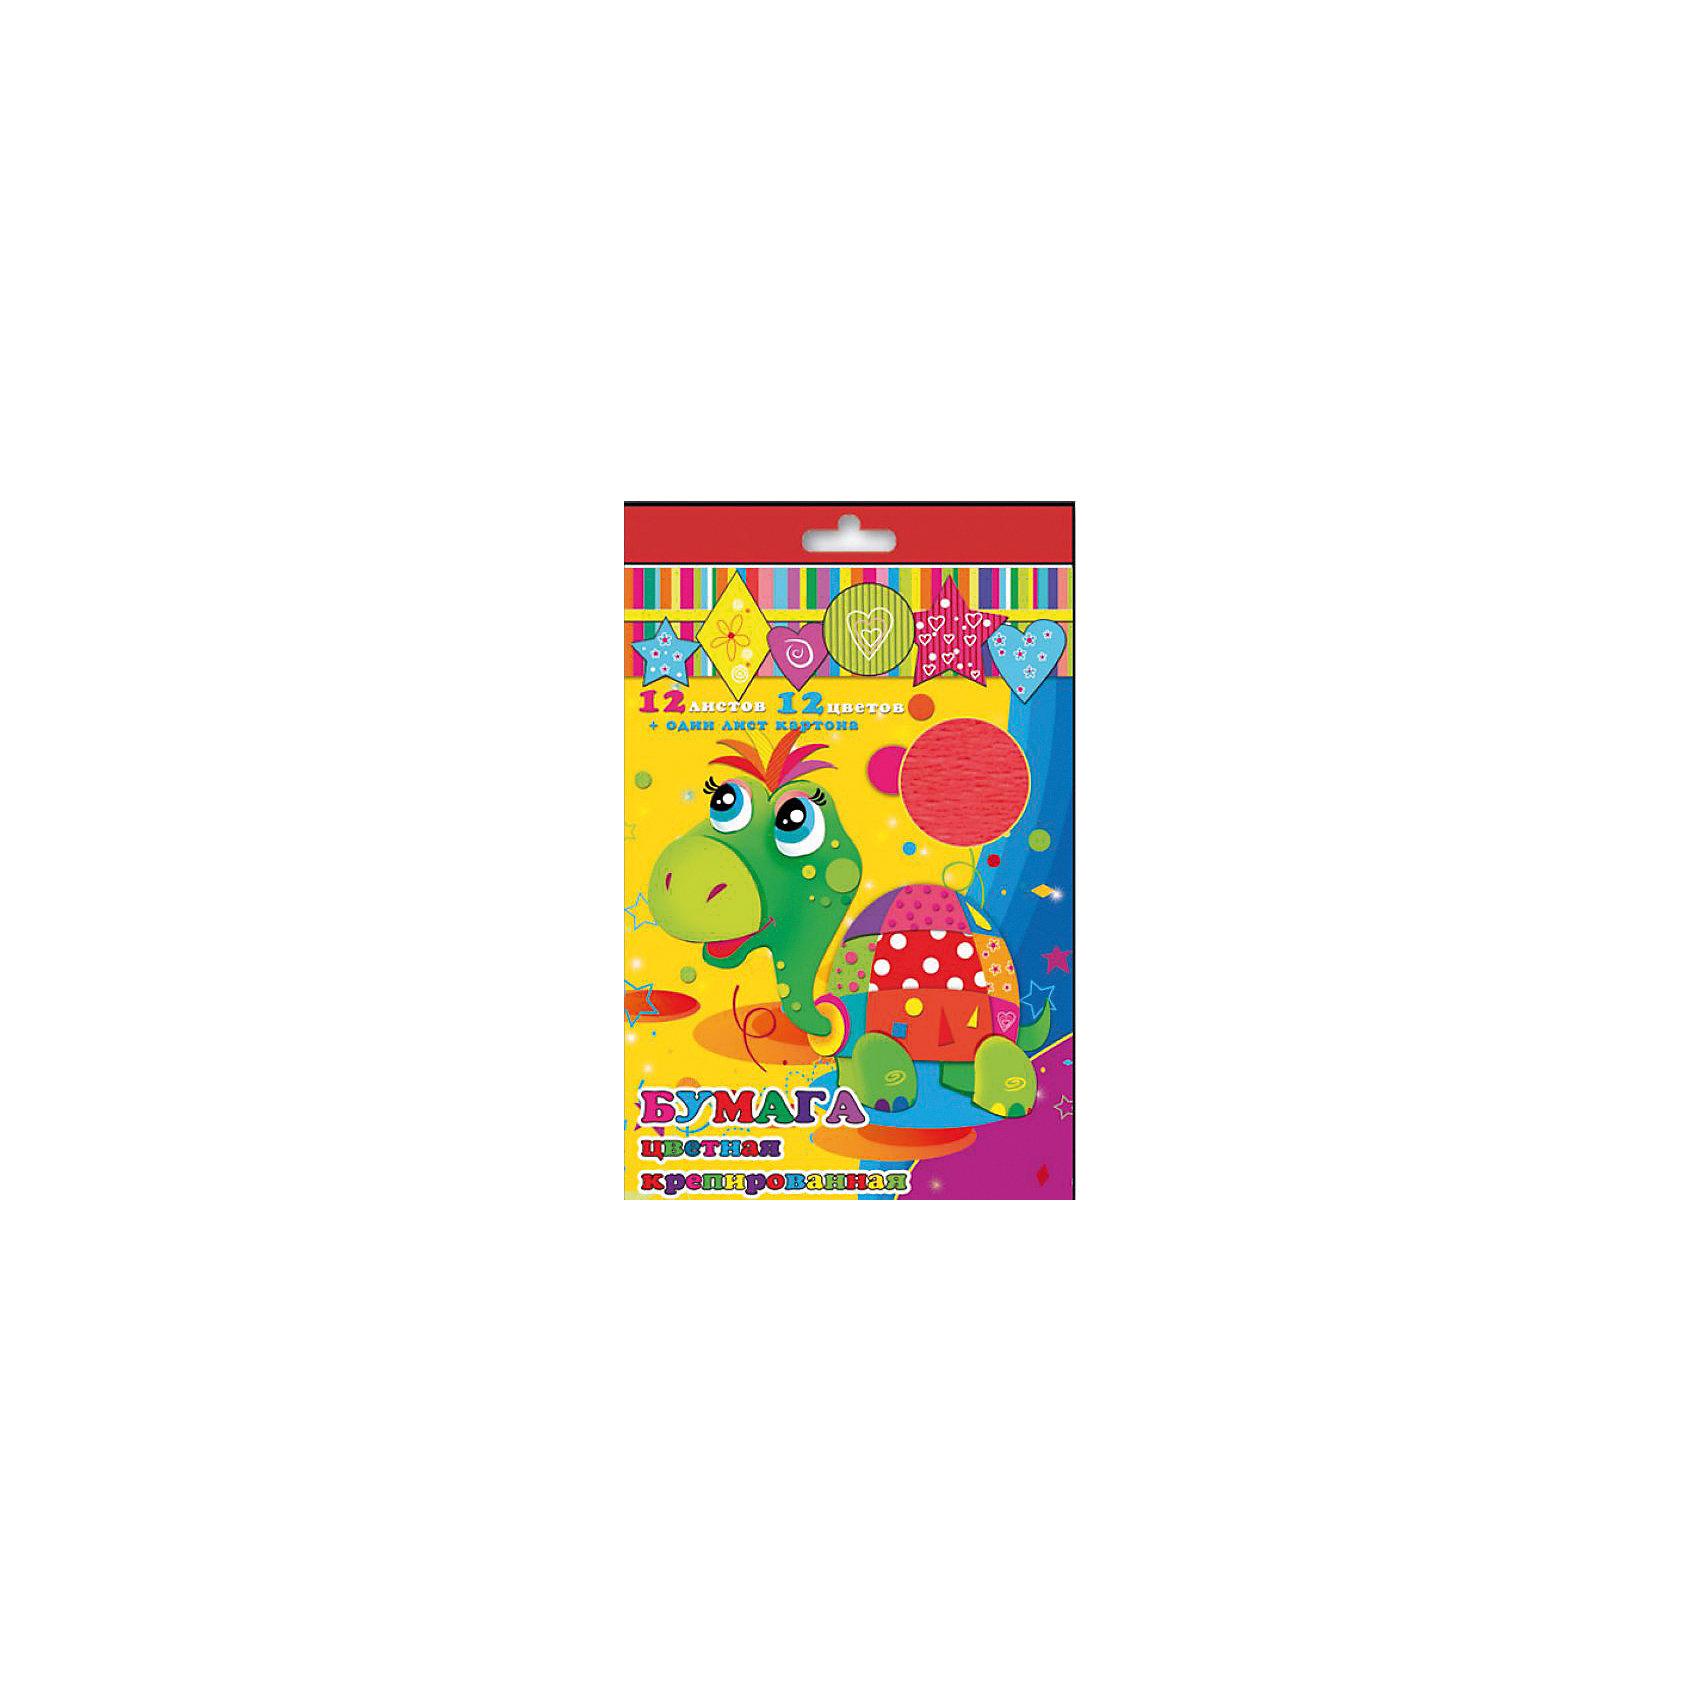 Набор цветной крепированой бумаги и картонаИзумительная набор цветной крепированной бумаги и картона, из них Ваш малыш сможет сделать множество ярких цветов, зверюшек или другие поделки.<br><br>Дополнительная информация:<br><br>- Возраст: от 3 лет.<br>- 12 листов бумаги и 1 лист картона.<br>- Цвета в наборе: красный, белый, оранжевый, малиновый, желтый, голубой, синий, сиреневый, зеленый, салатовый, розовый, коричневый<br>- Материал: бумага, картон.<br>- Размеры: 21х29,7 см.<br>- Размер упаковки: 34х21х0,2 см.<br>- Вес в упаковке: 40 г. <br><br>Купить набор крепированной цветной бумаги и картона, можно в нашем магазине.<br><br>Ширина мм: 340<br>Глубина мм: 210<br>Высота мм: 2<br>Вес г: 40<br>Возраст от месяцев: 36<br>Возраст до месяцев: 2147483647<br>Пол: Унисекс<br>Возраст: Детский<br>SKU: 4943622